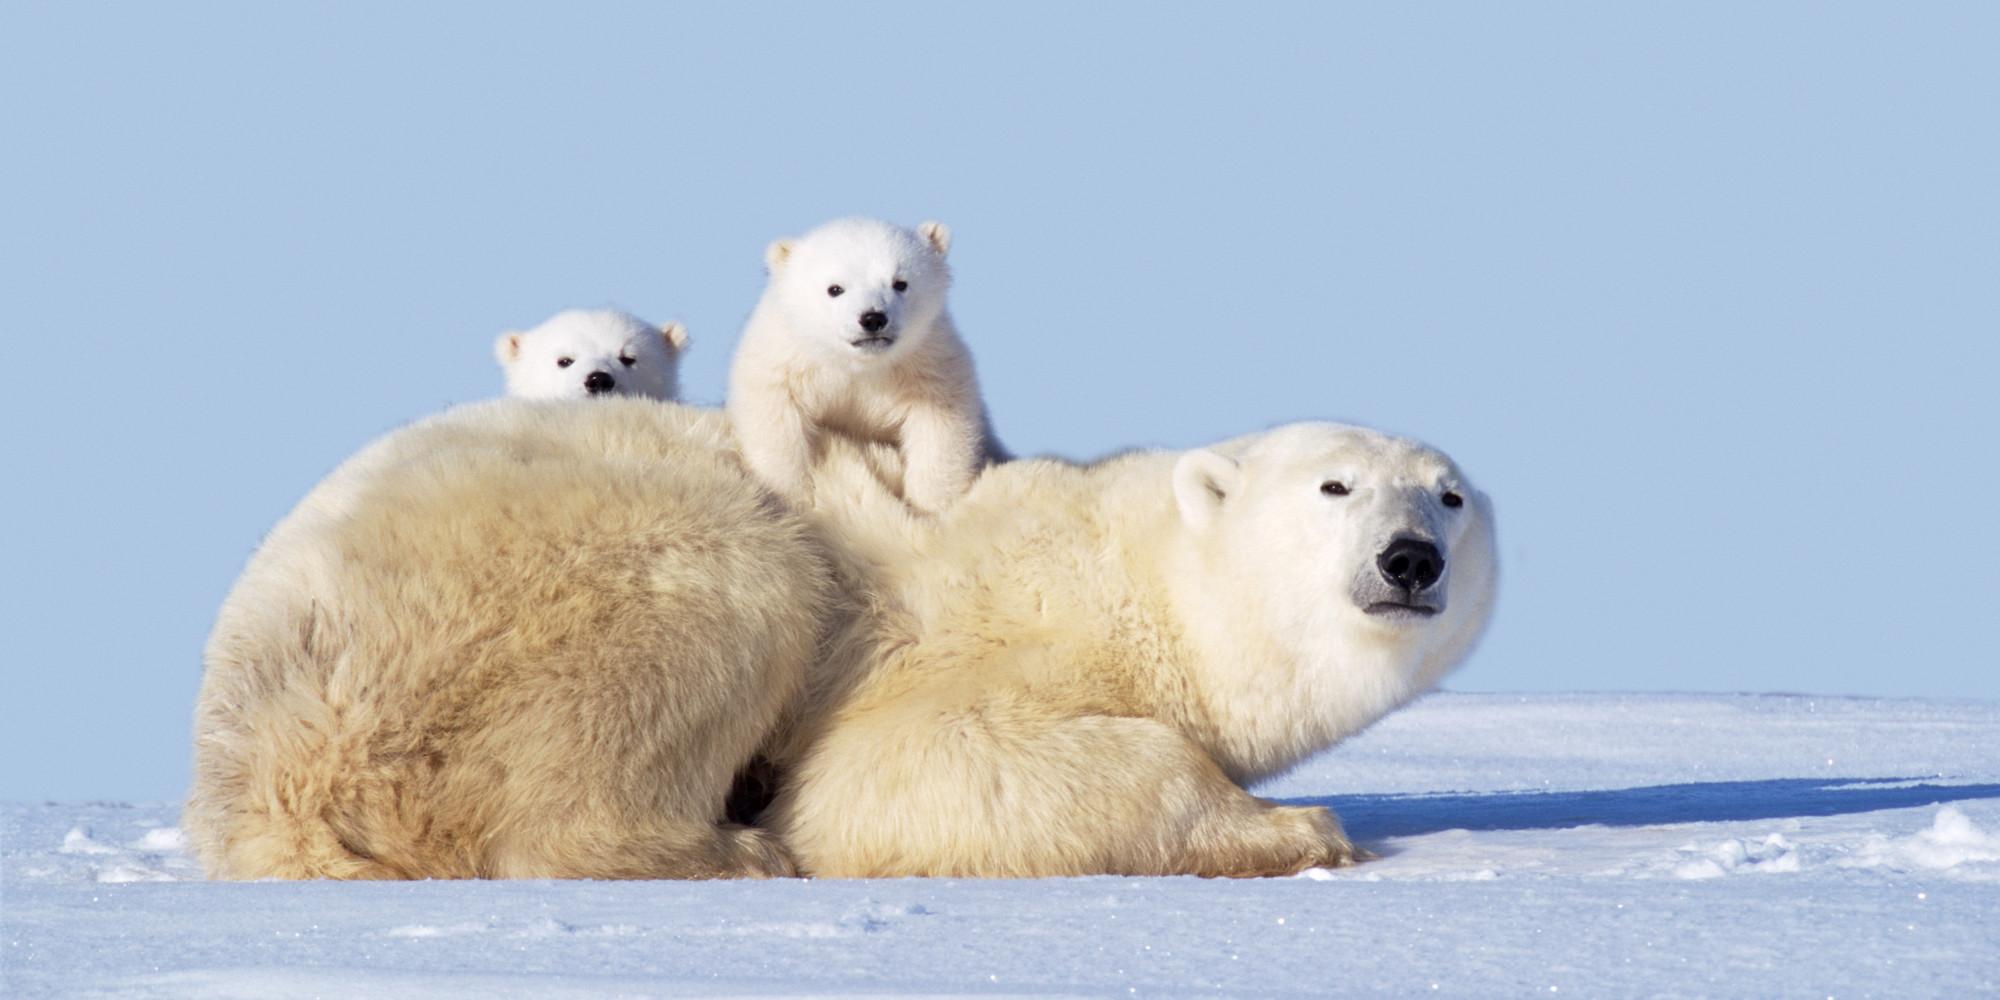 Polar bear with cubs - photo#25